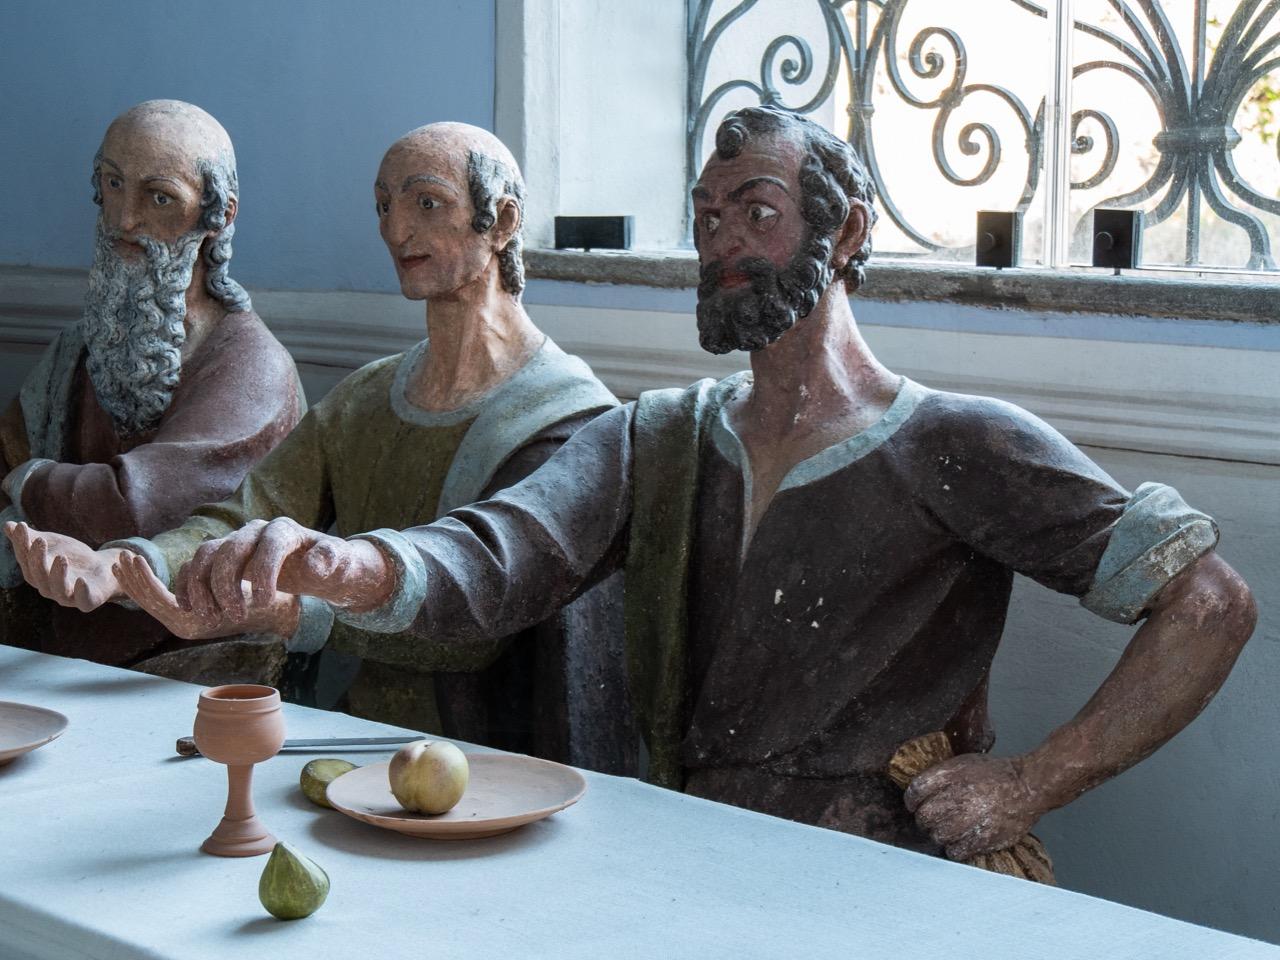 Abendmahlskapelle, Stuckfigur des Judas (17. Jh.)